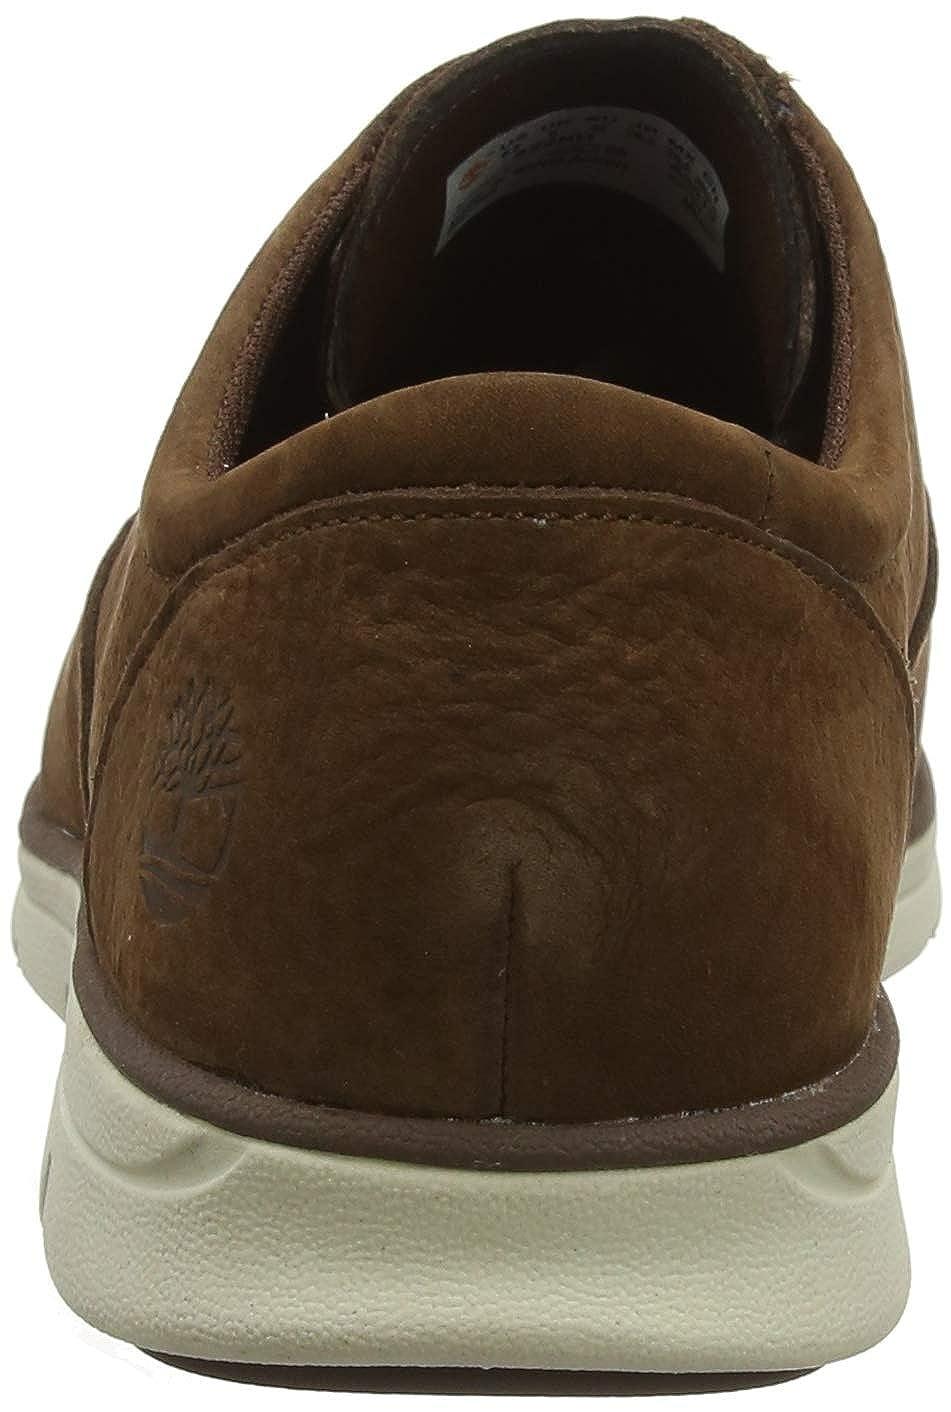 Timberland Bradstreet Plain Toe, Zapatos de Cordones Oxford para Hombre: Amazon.es: Zapatos y complementos